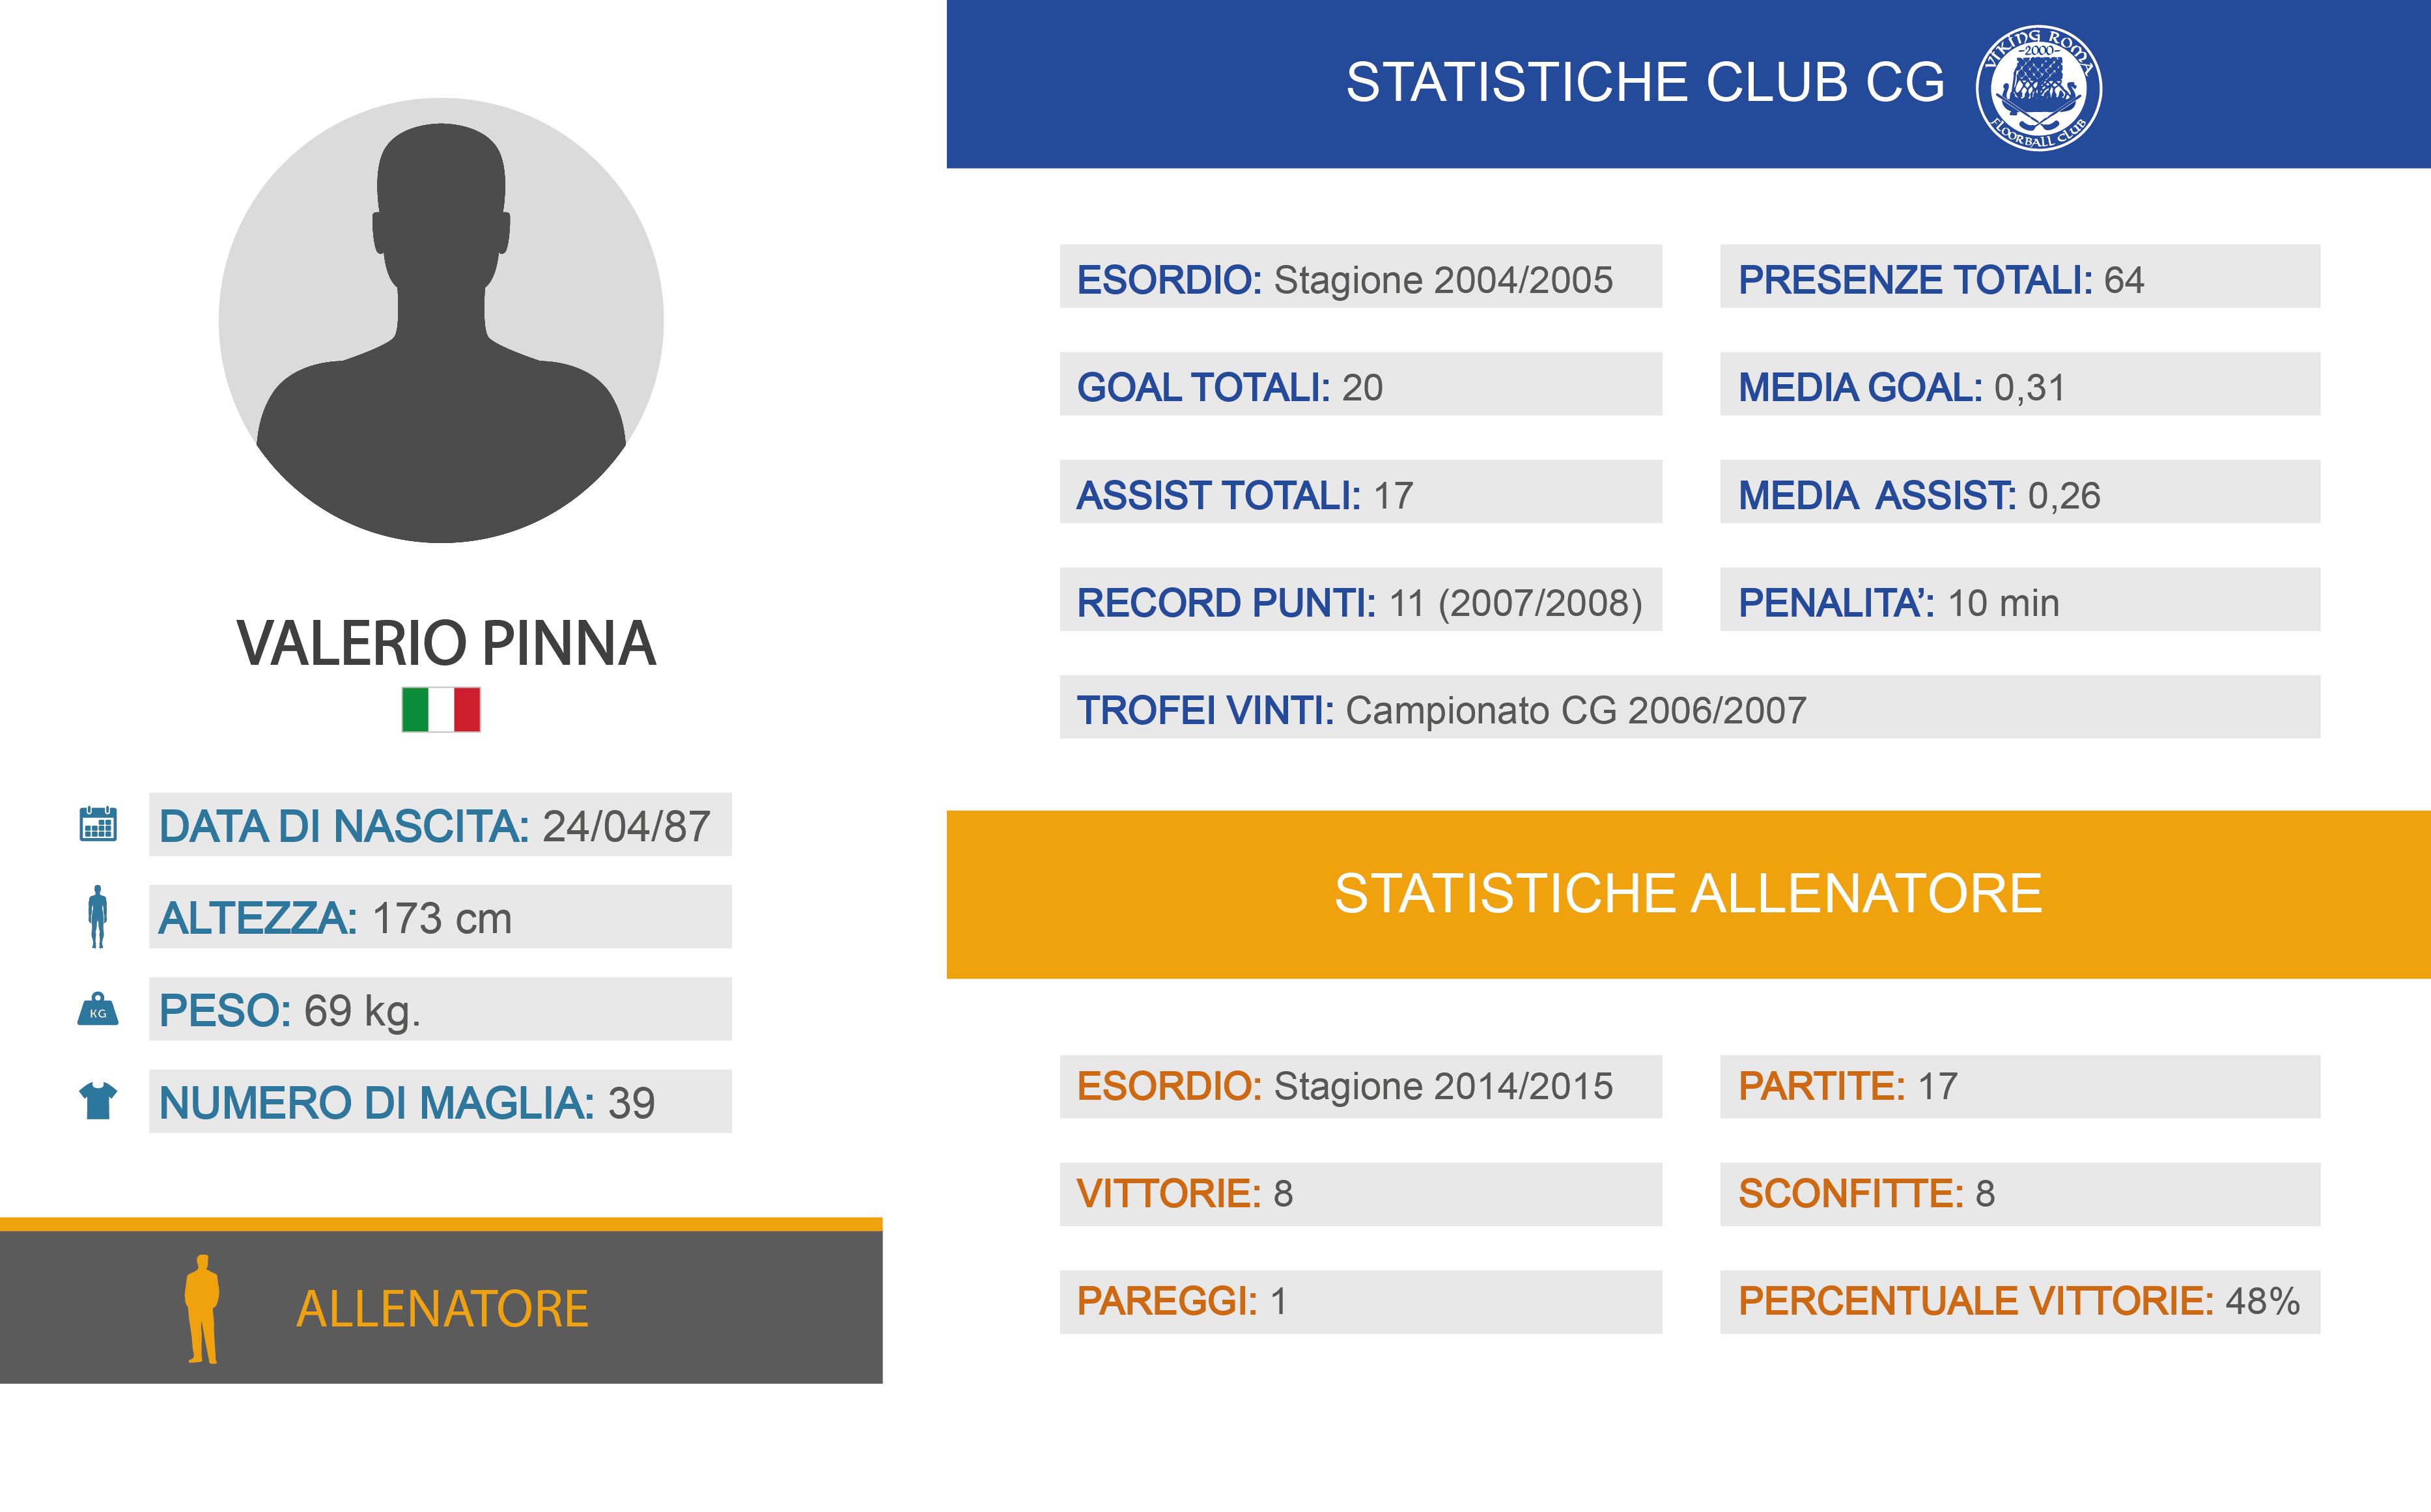 Valerio Pinna